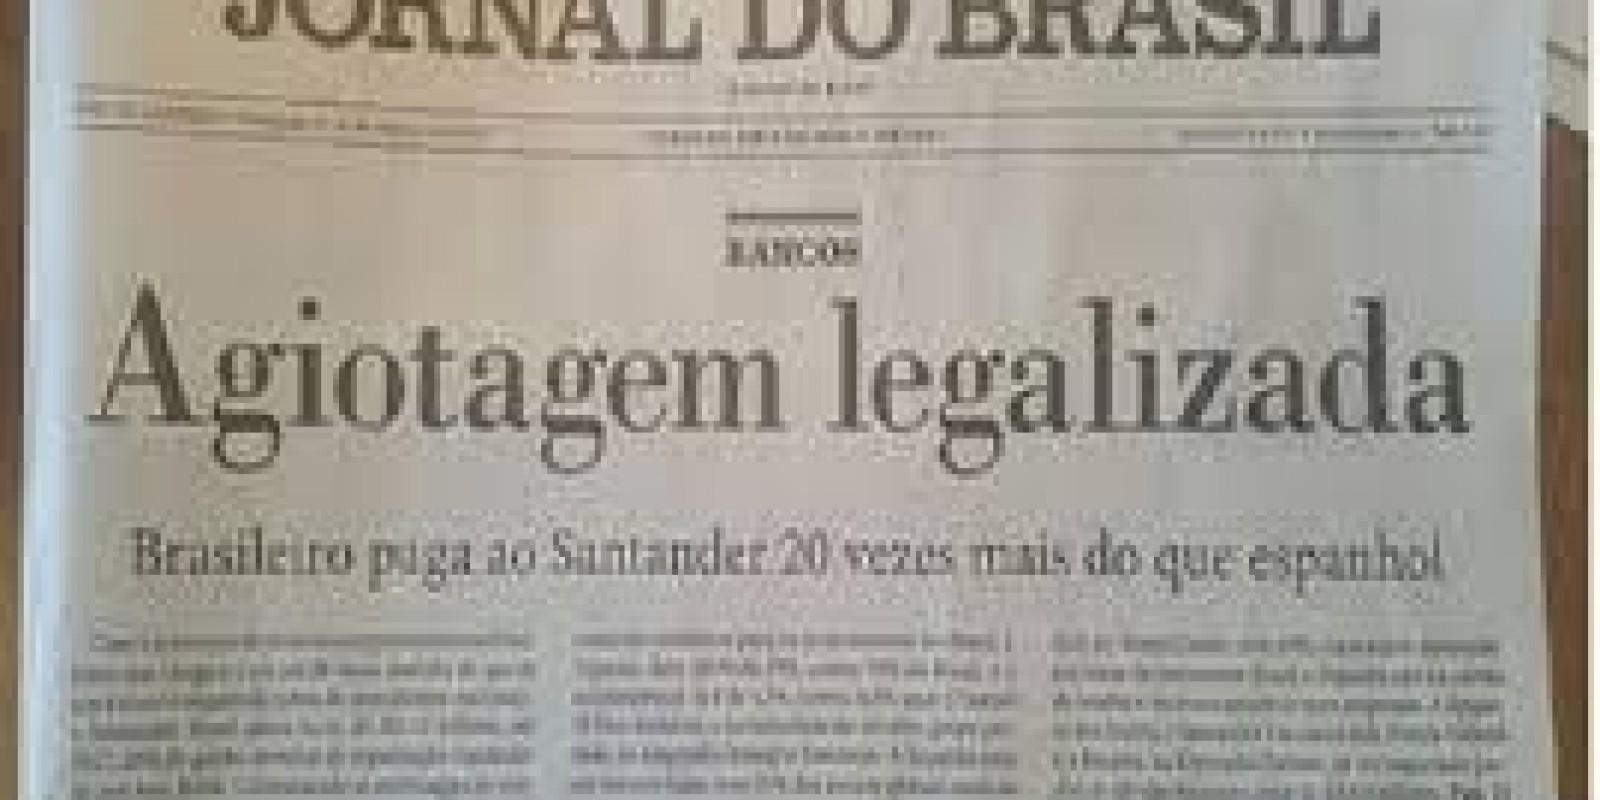 Brasileiro paga ao Santander mais que Espanhol